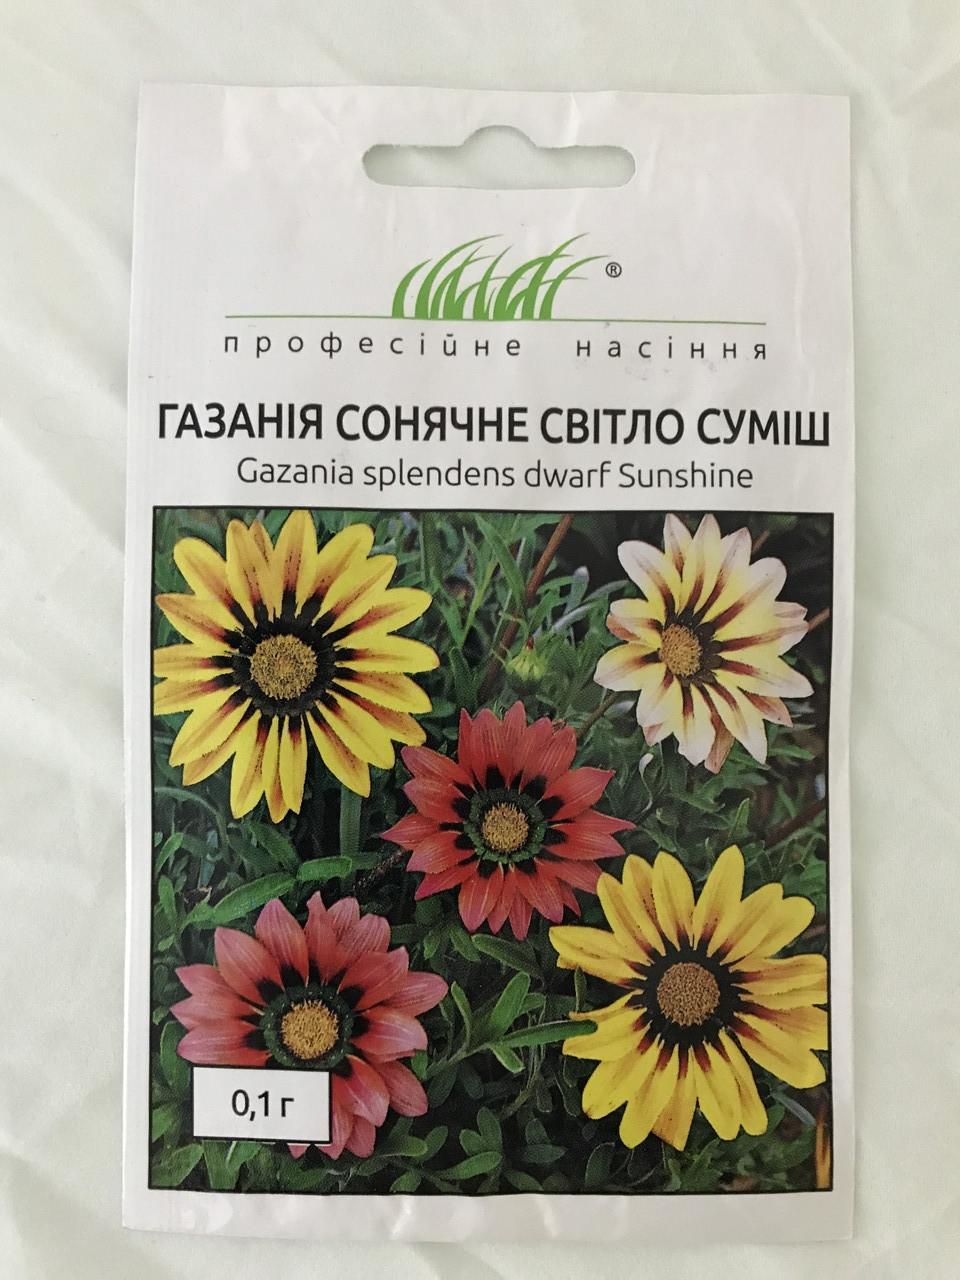 Семена цветов Газания блестящая Солнечный свет 0,1 г смесь, Профессиональные семена 72210